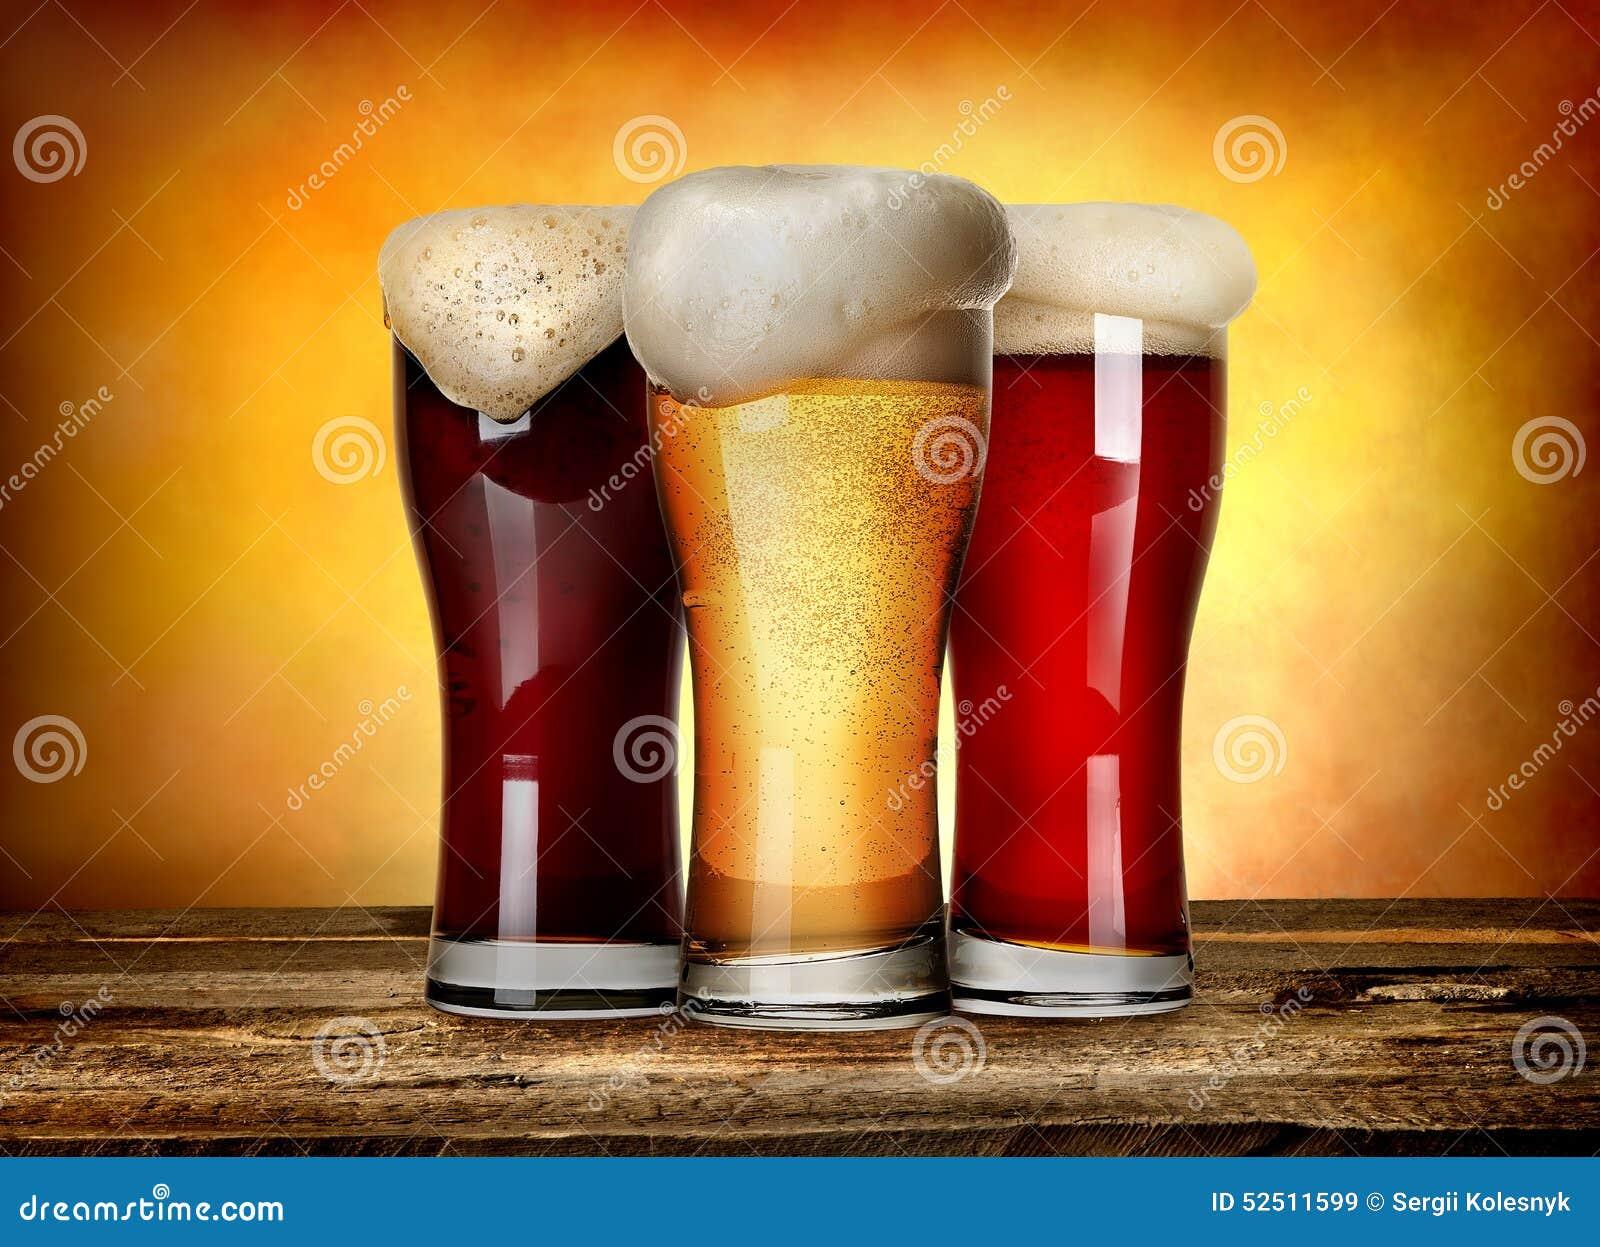 Tre slag av öl